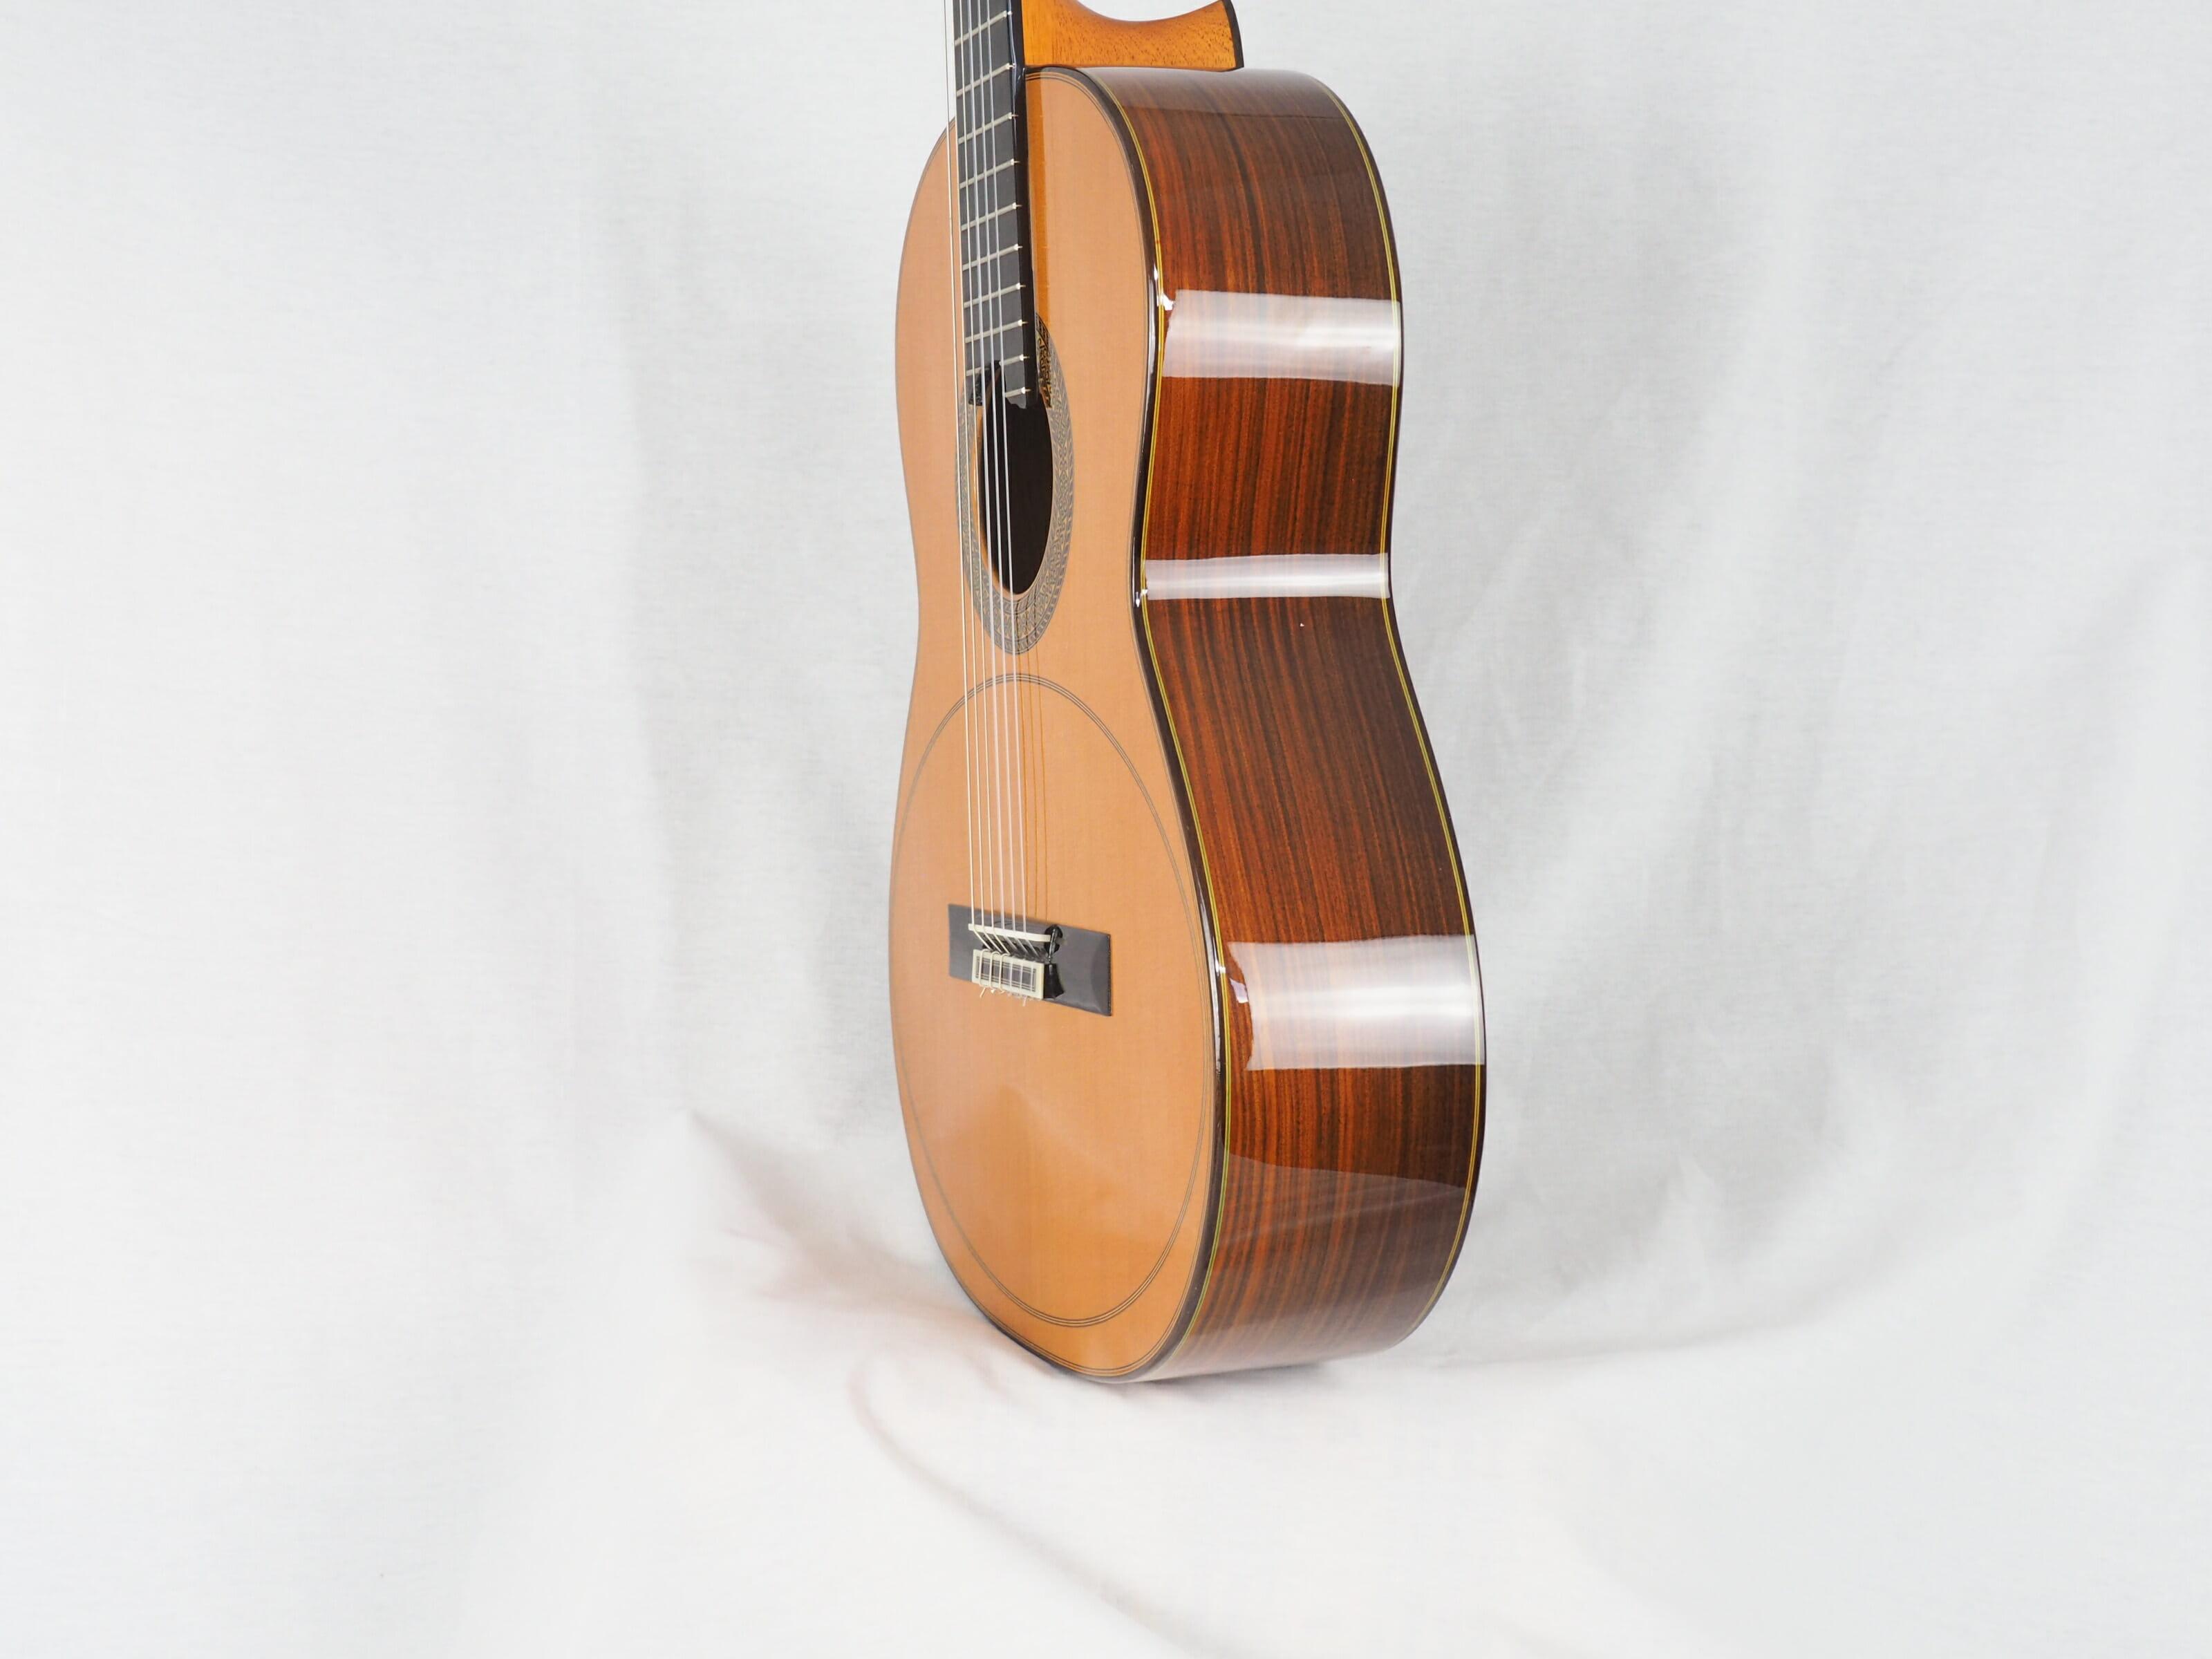 Dieter Hopf guitare luthier Artista Membrane No 19HOP163-05